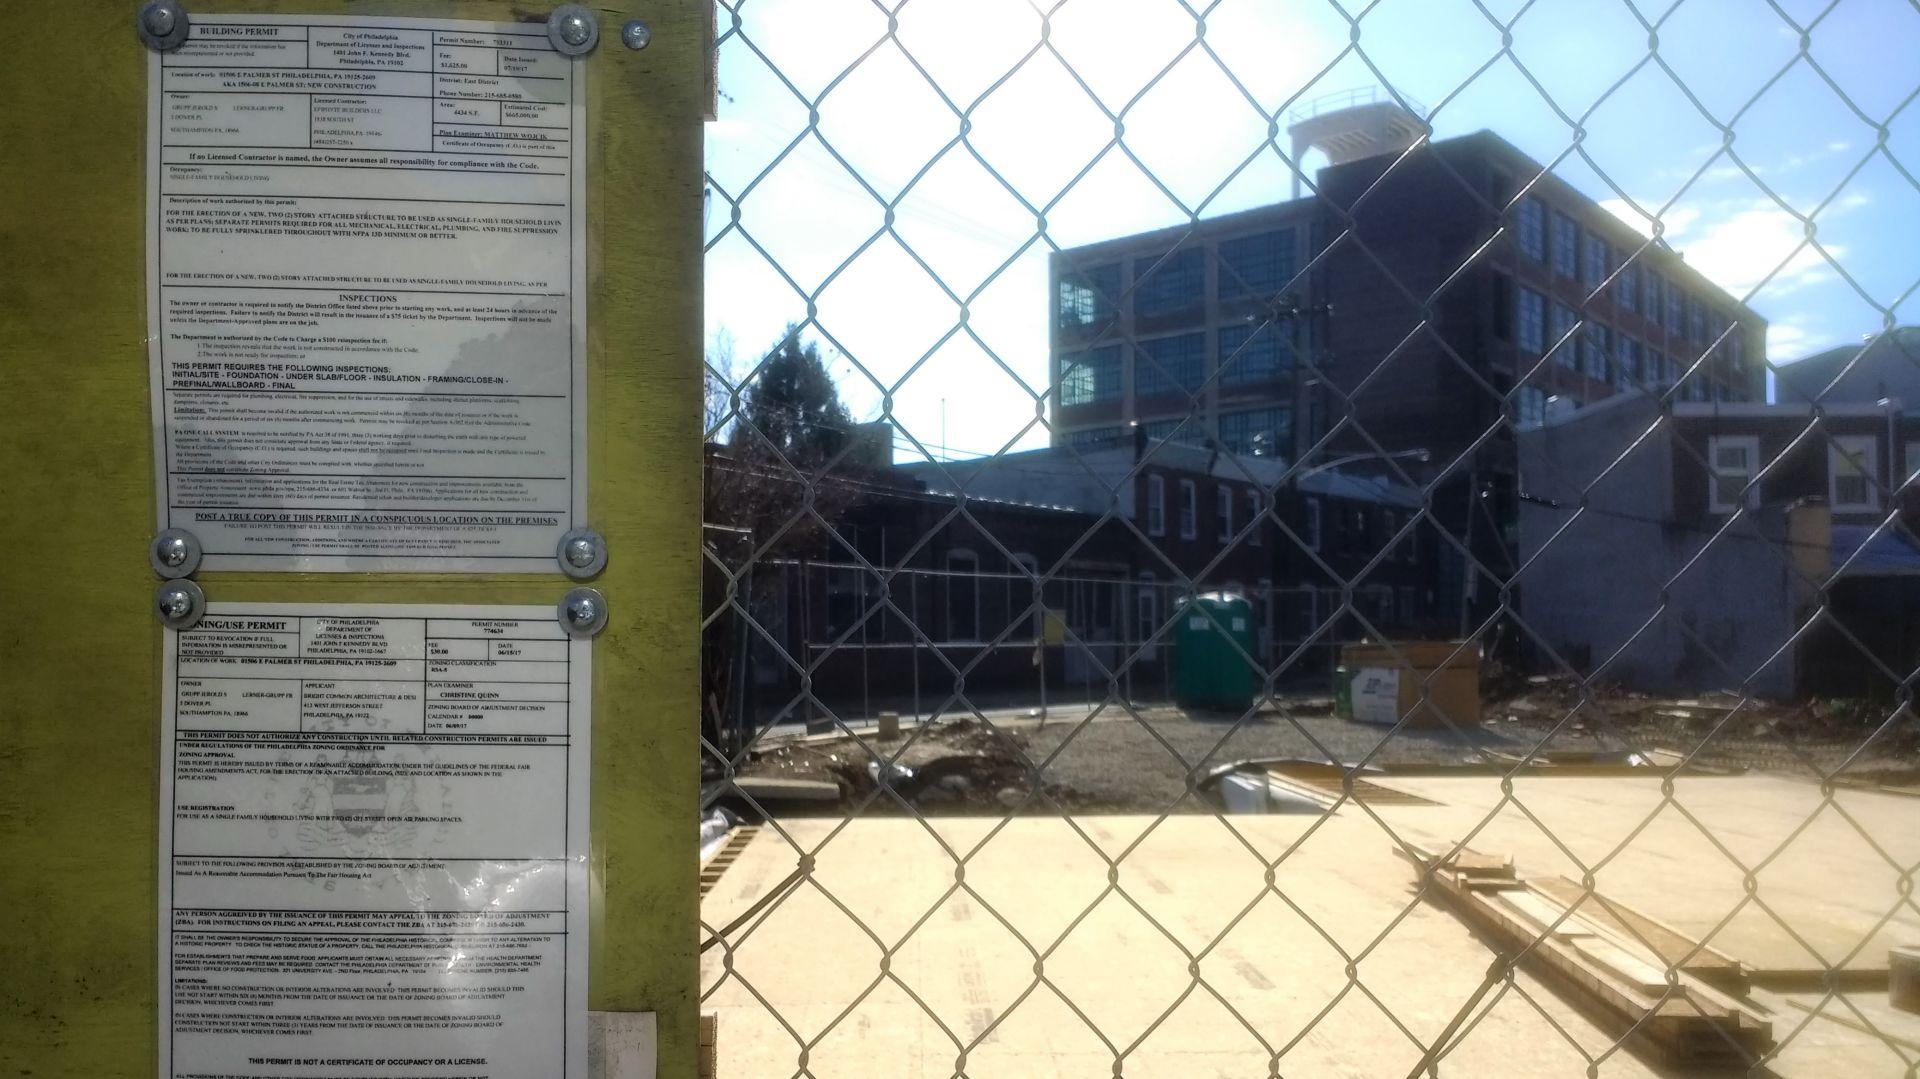 Philadelphia building permit